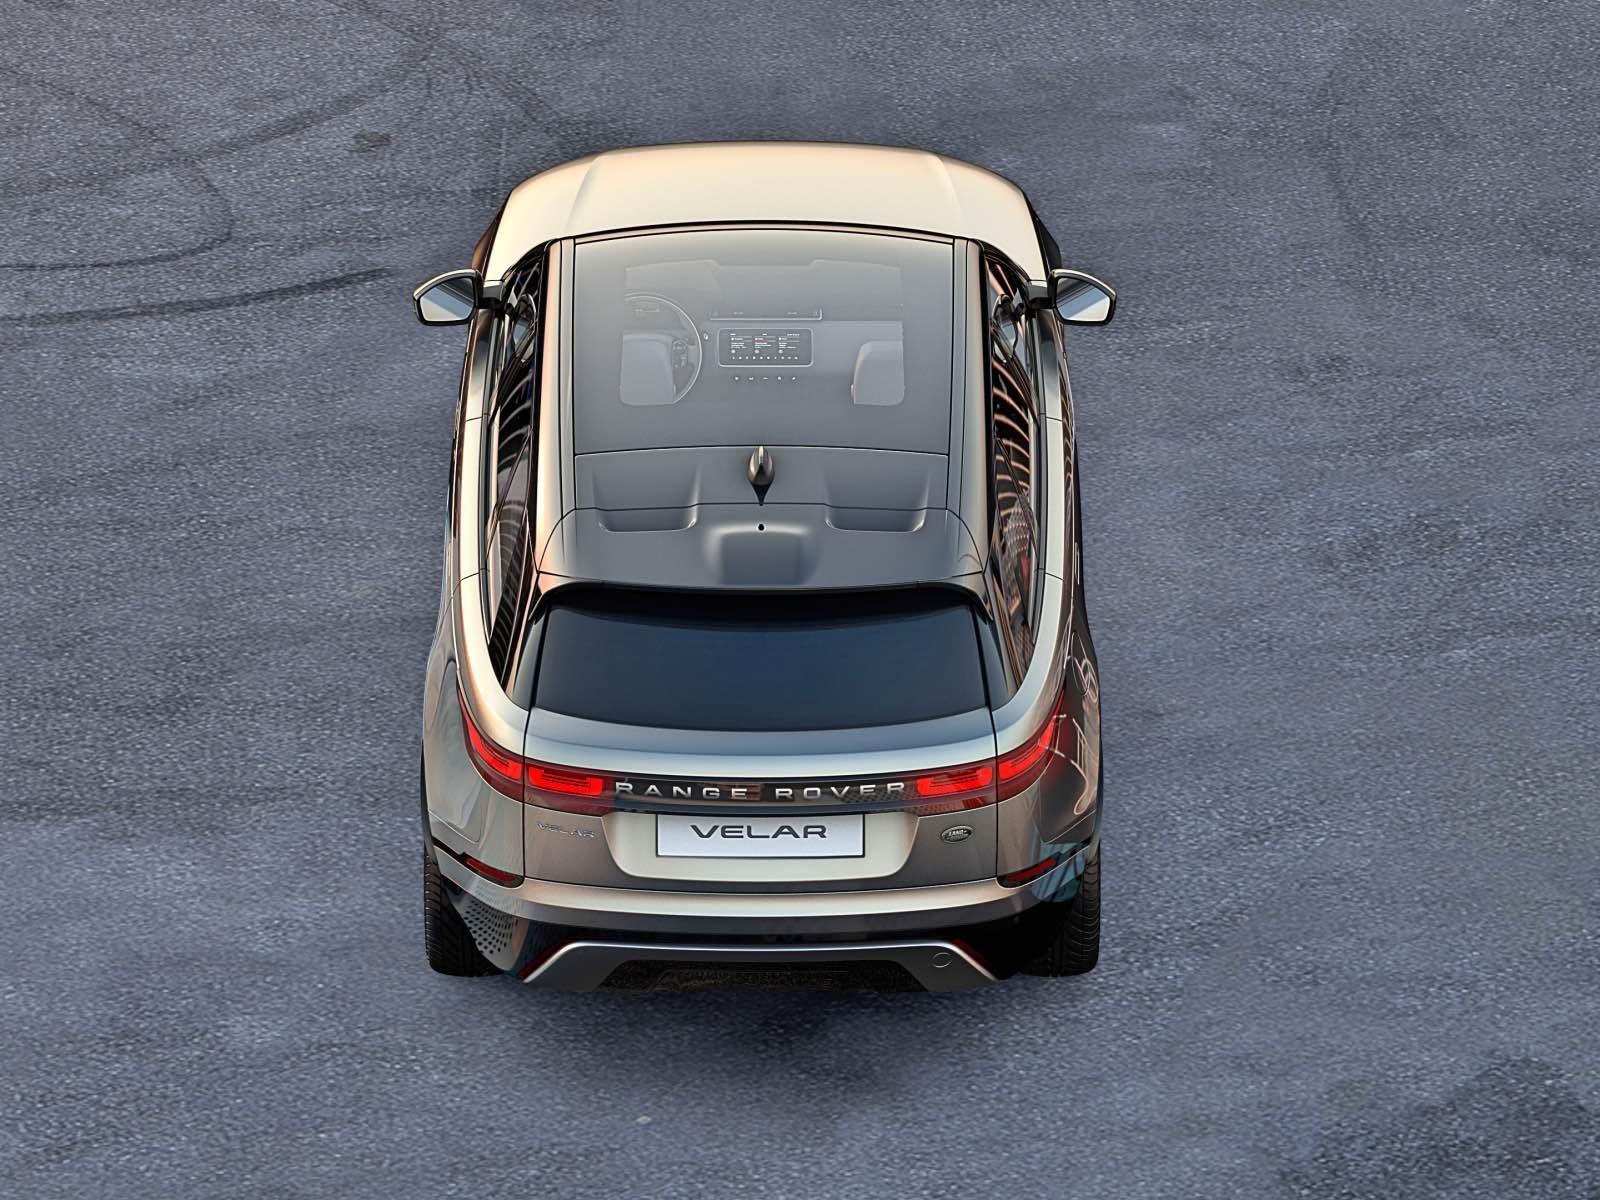 La familia Range Rover crece con el nuevo Velar